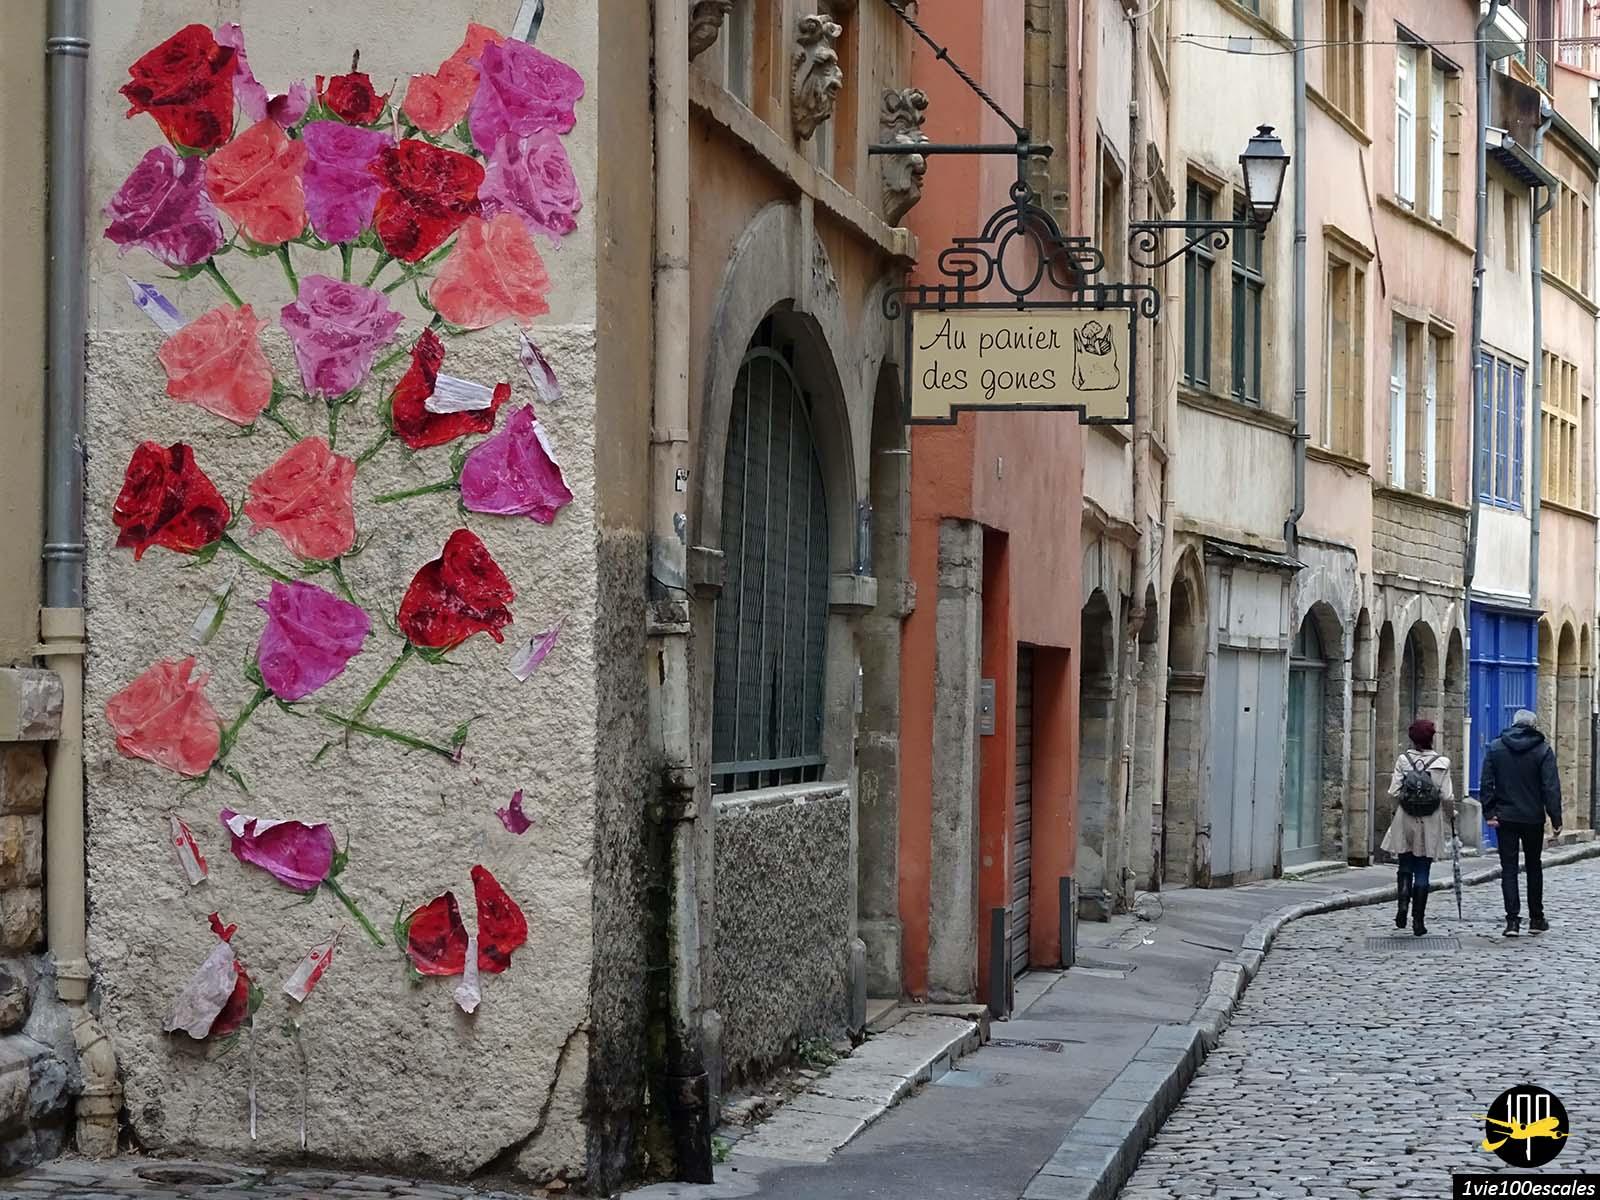 Le vieux Lyon avec son street art et ses ruelles typiques